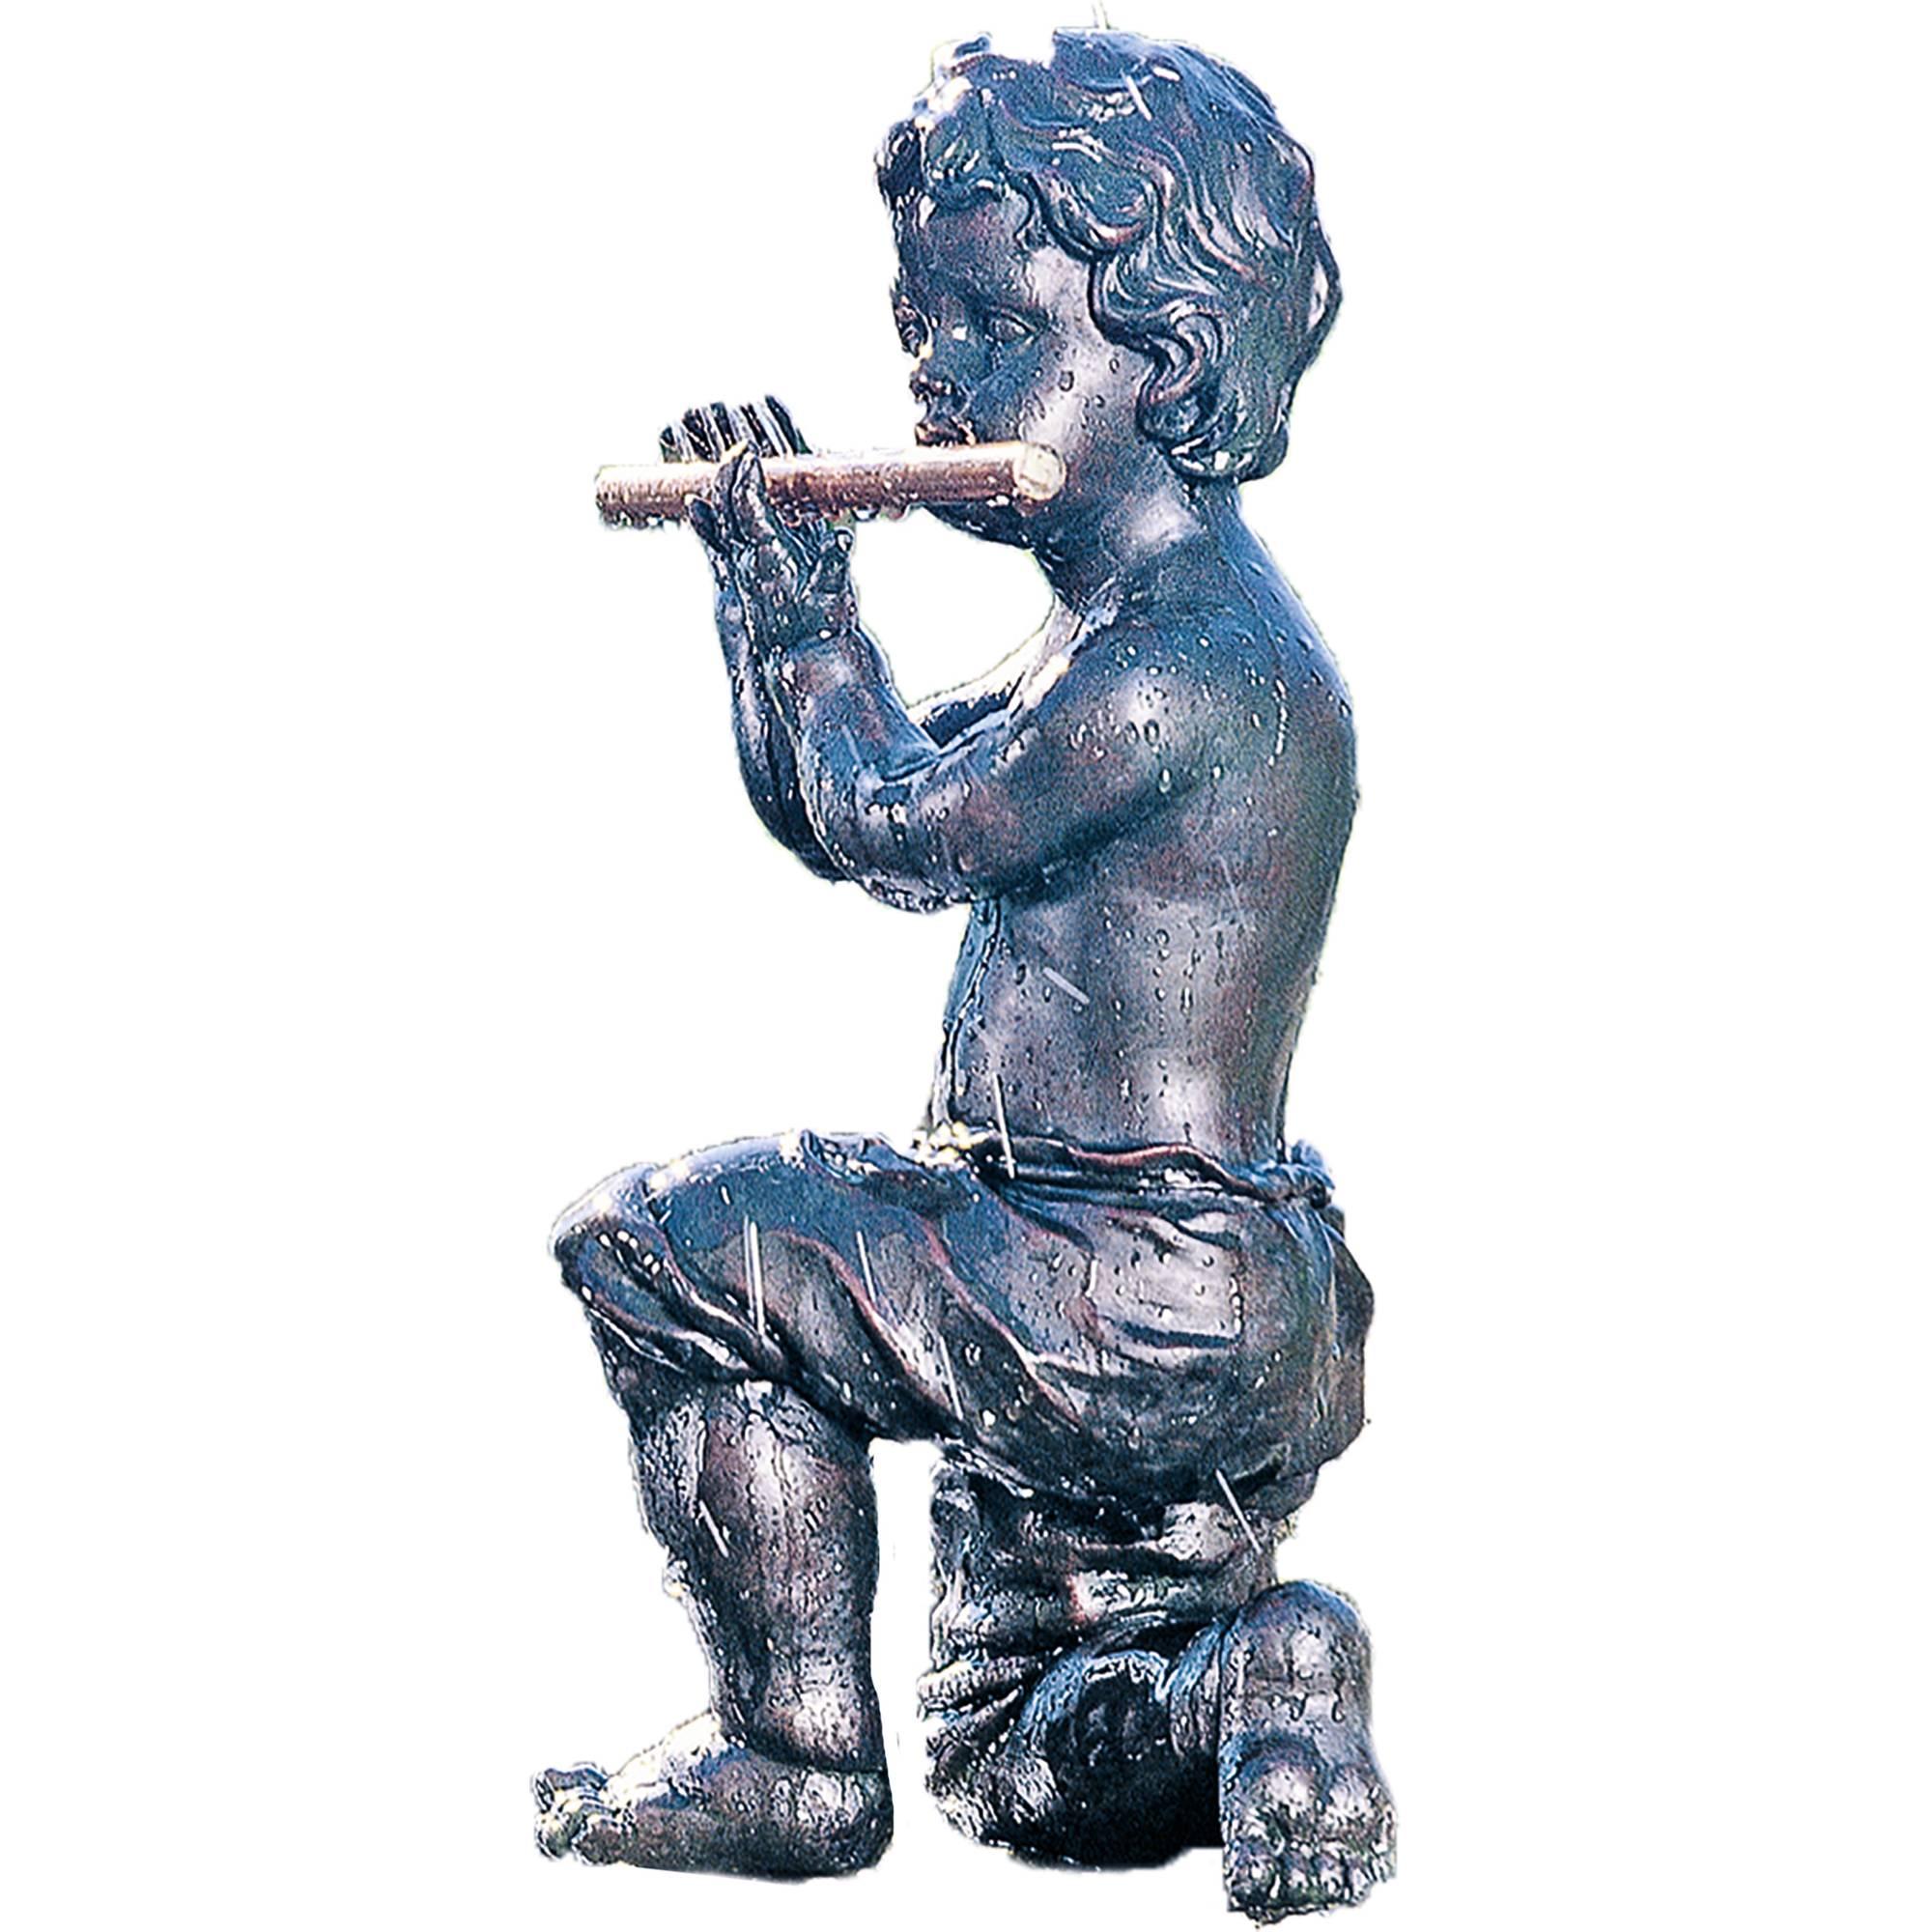 Teichfigur Speier  Flötenspieler  Dekor Kupfer von Heissner